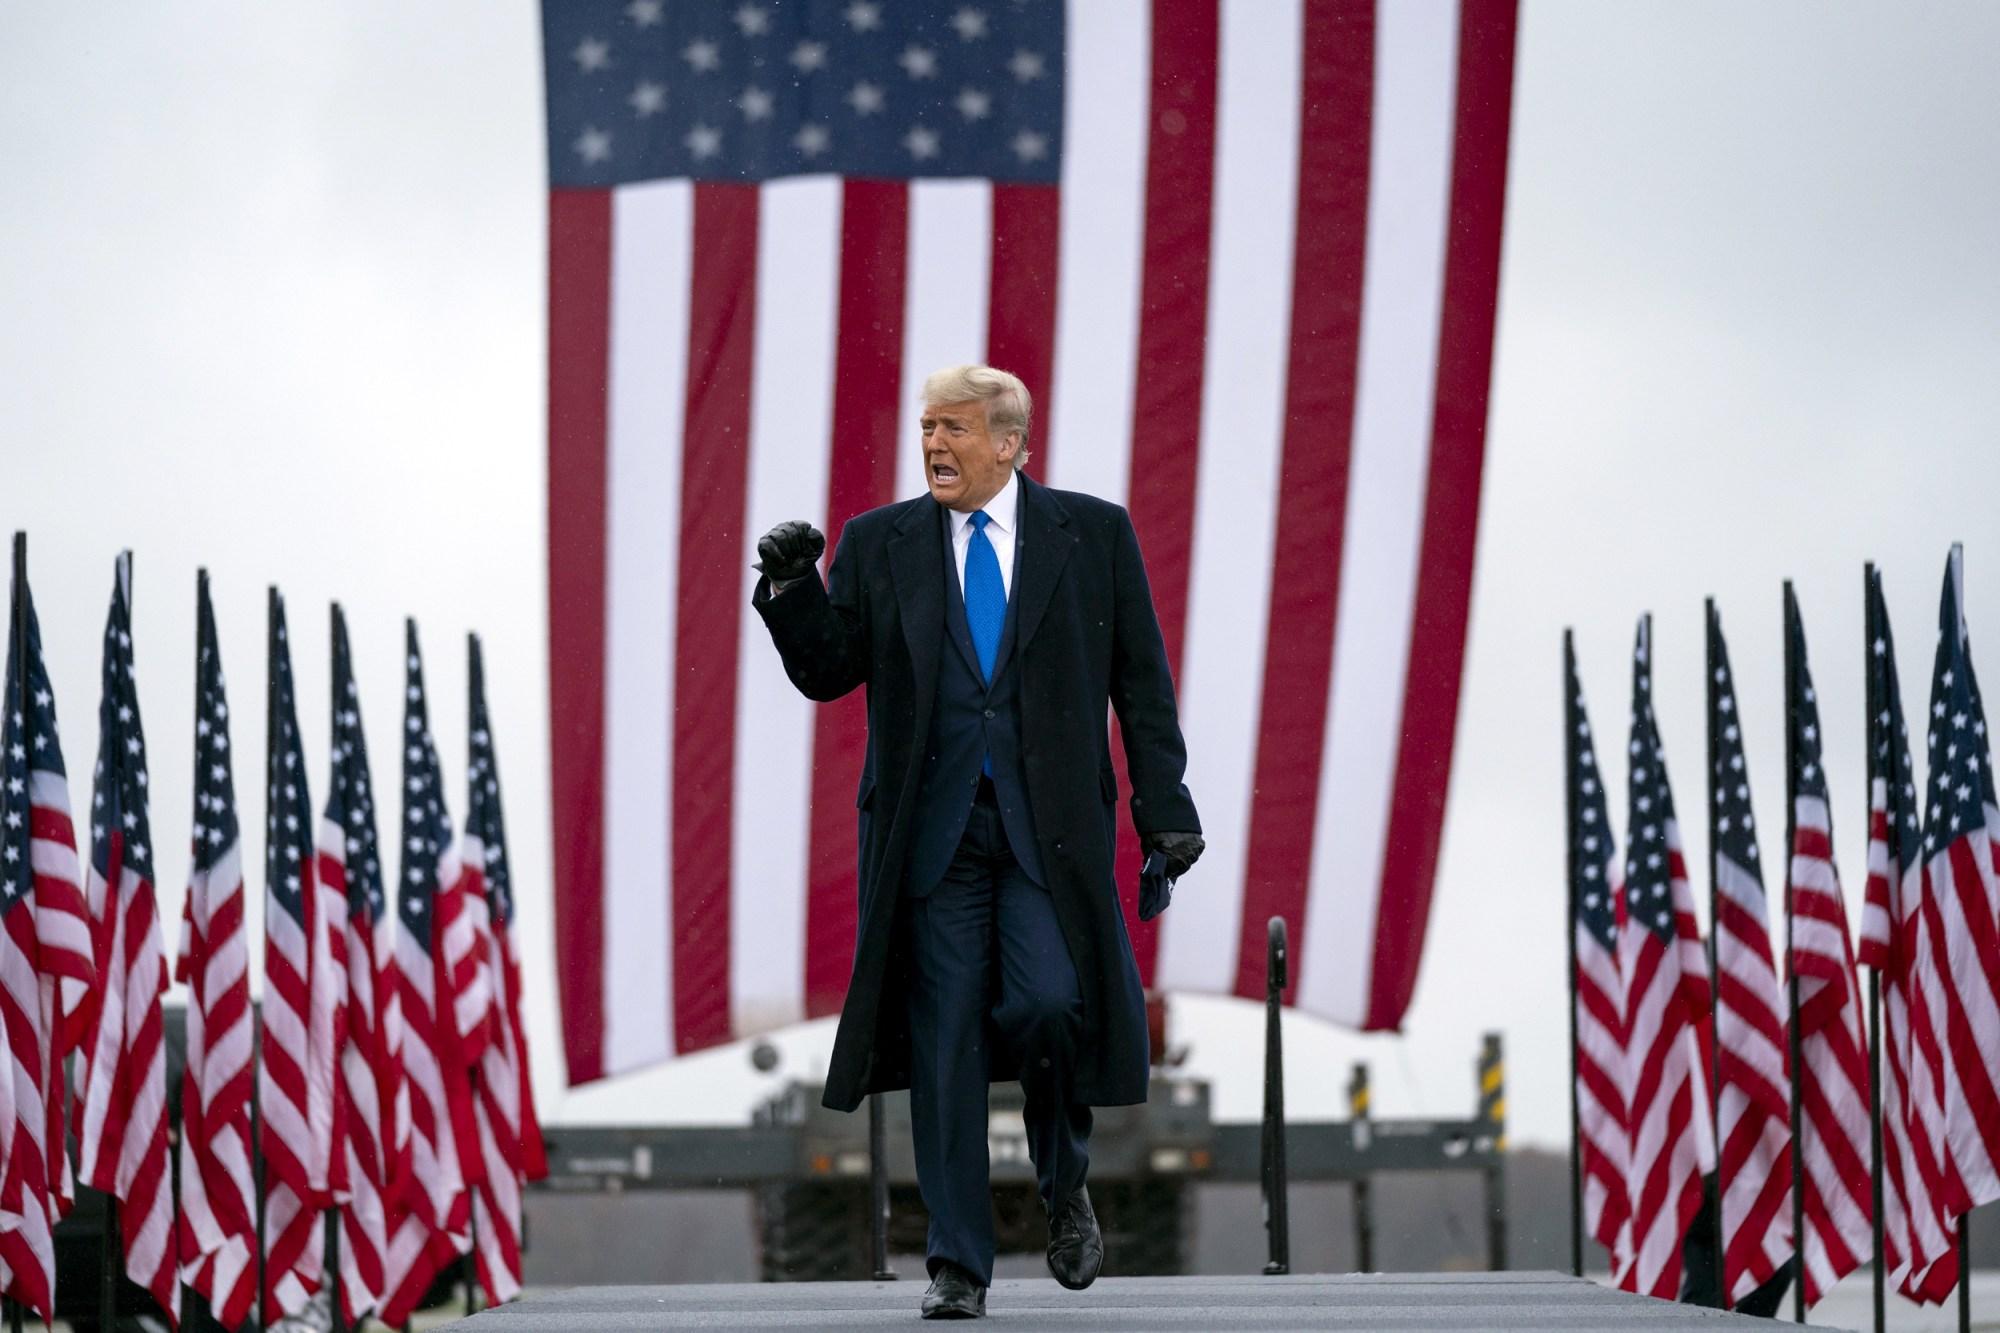 Tổng thống Donald Trump đến Sân bay Quốc tế Capital Region cho một cuộc vận động tranh cử ở Lansing, Mich., Vào thứ Ba 27/10/2020. Evan Vucci / AP.